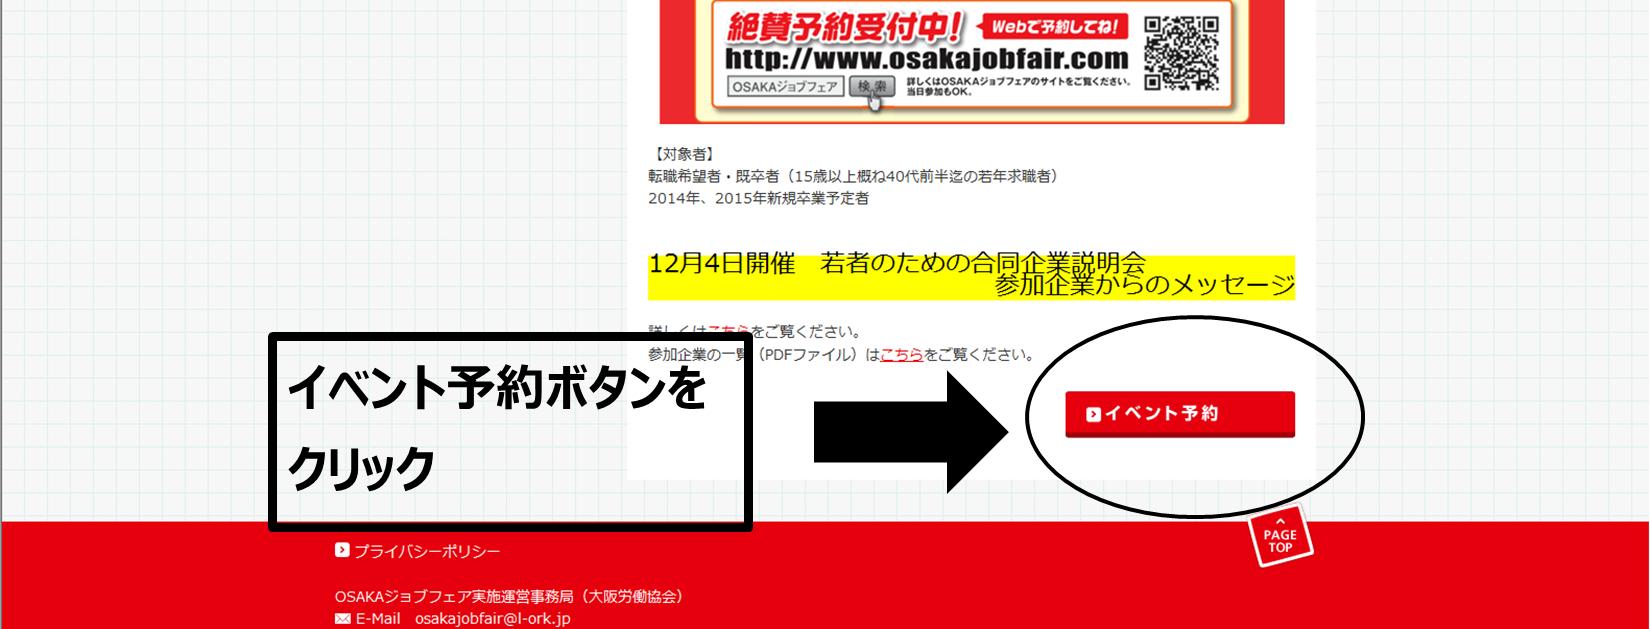 http://osakajobfair.com/event/iventyoyaku1.jpg